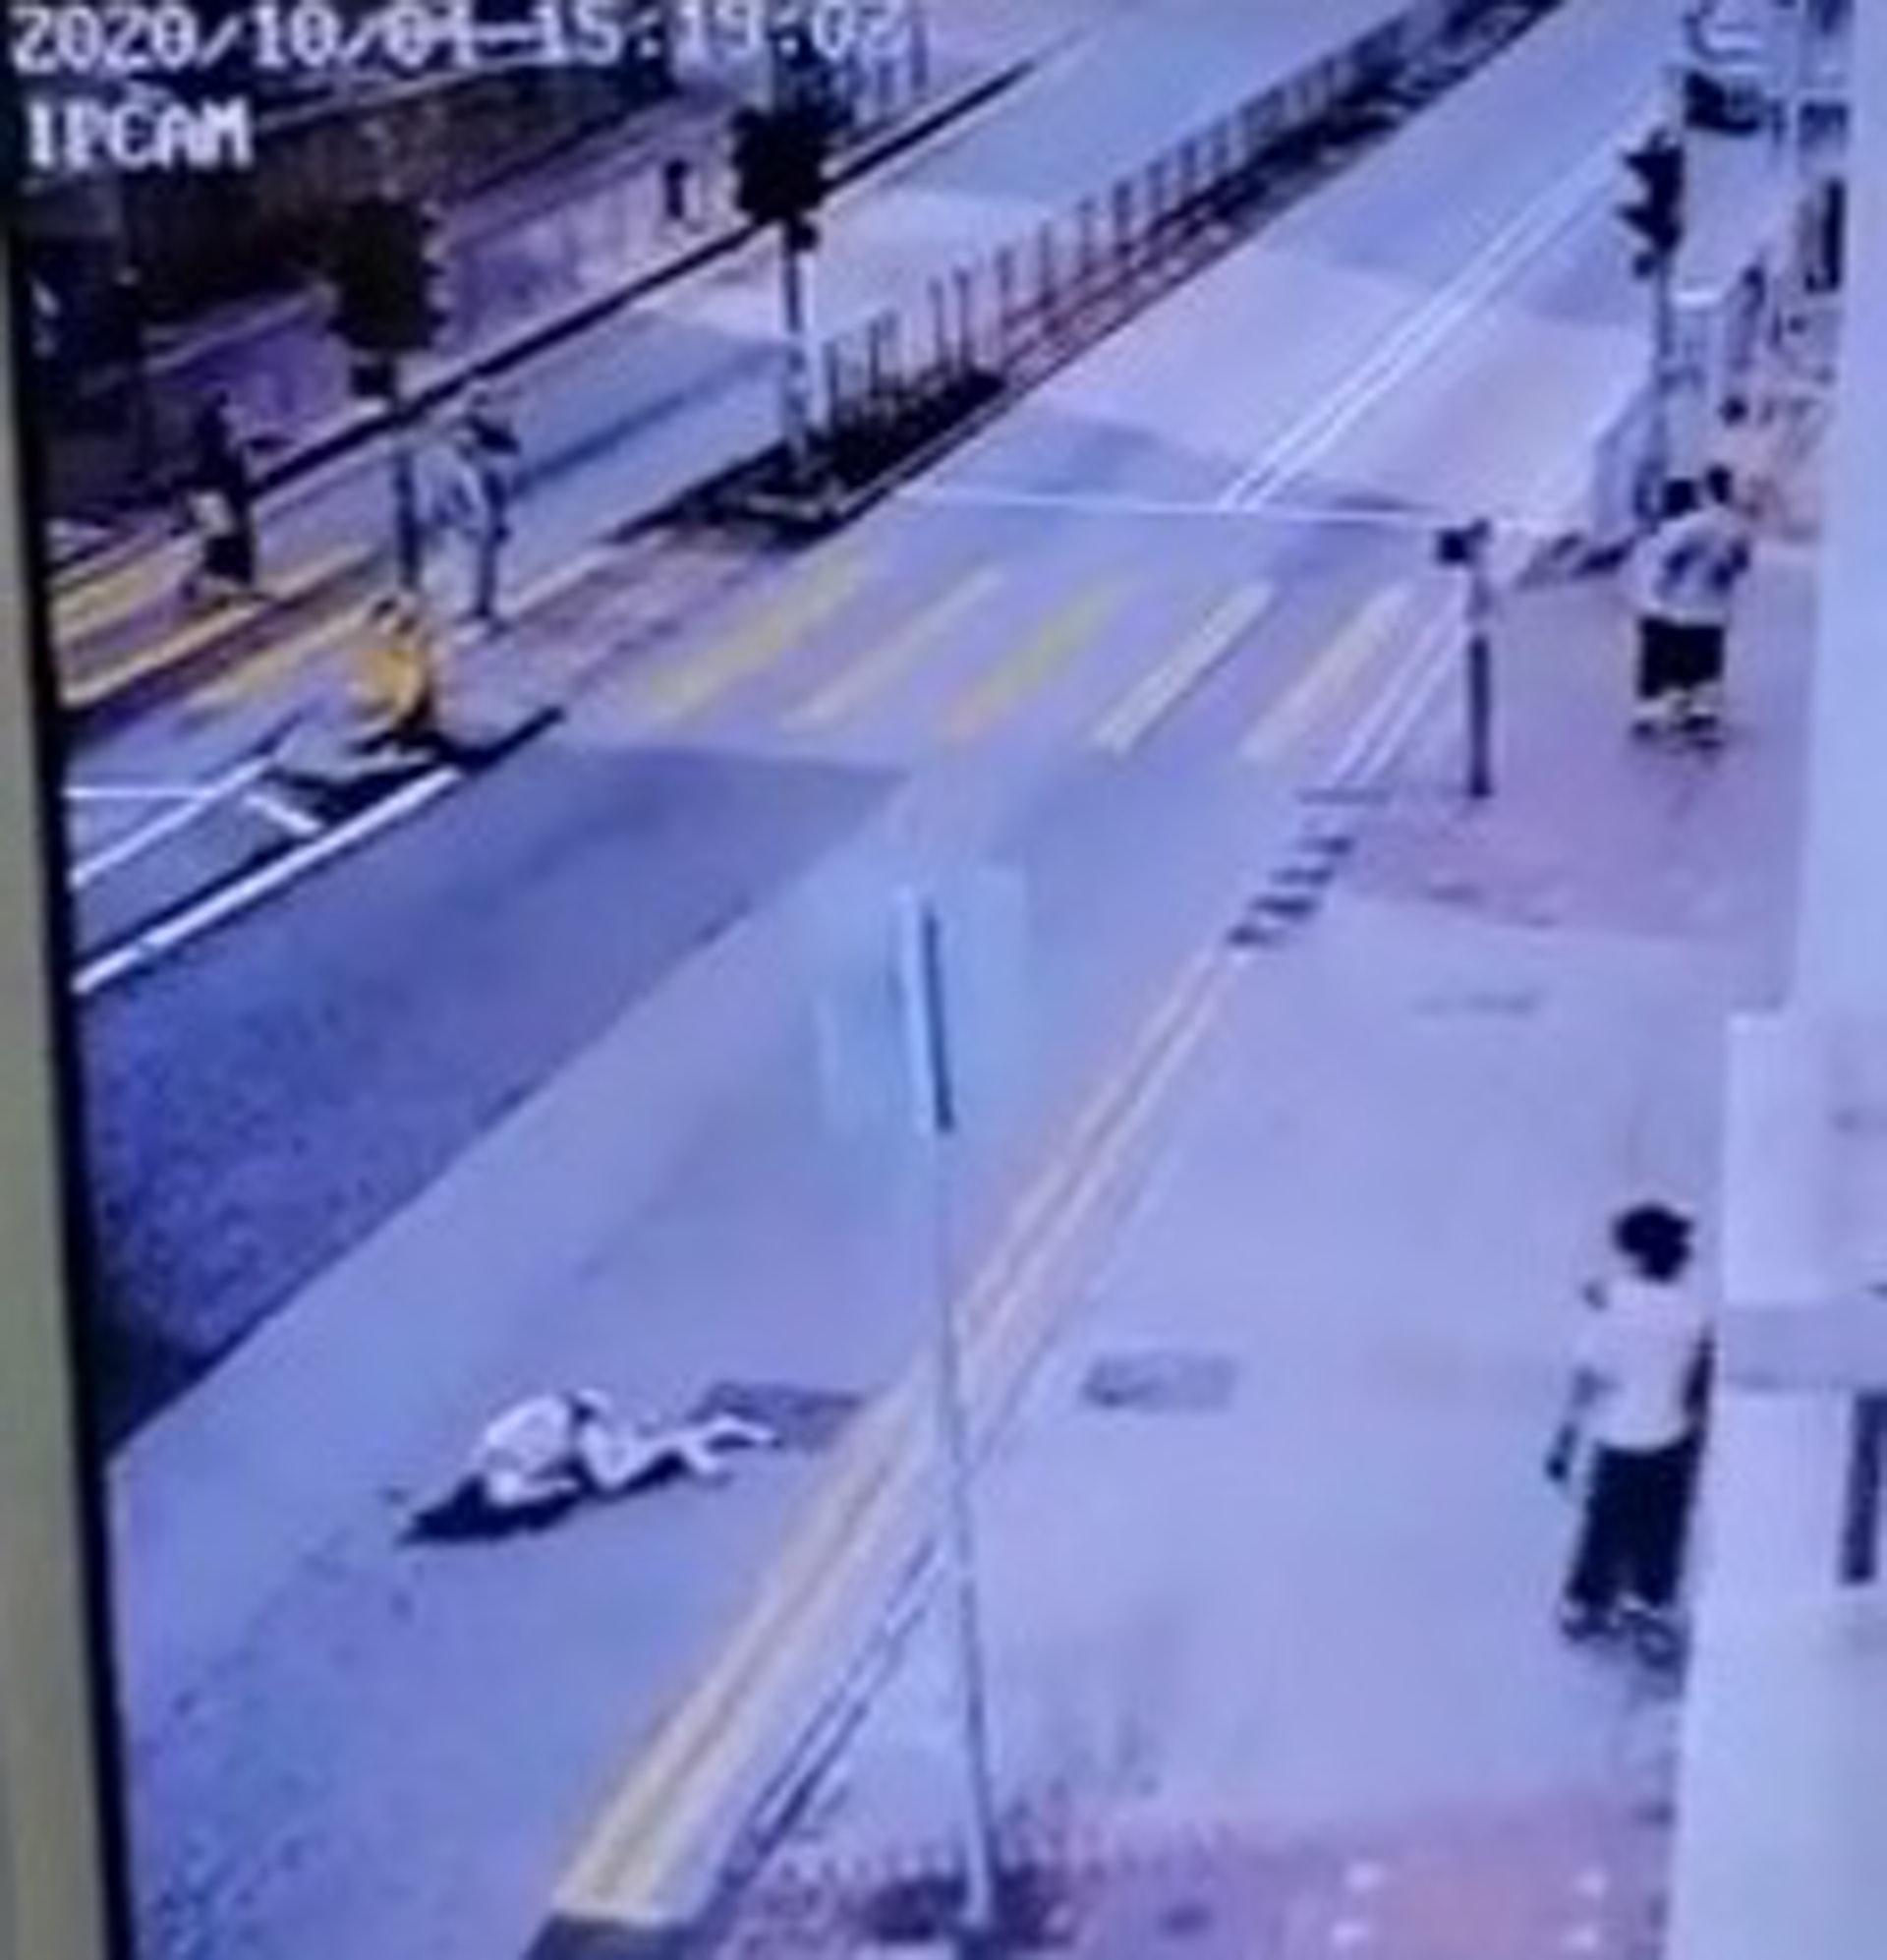 事主飛彈近10米後倒地;的士則扭右衝前後停下。(網上影片截圖)